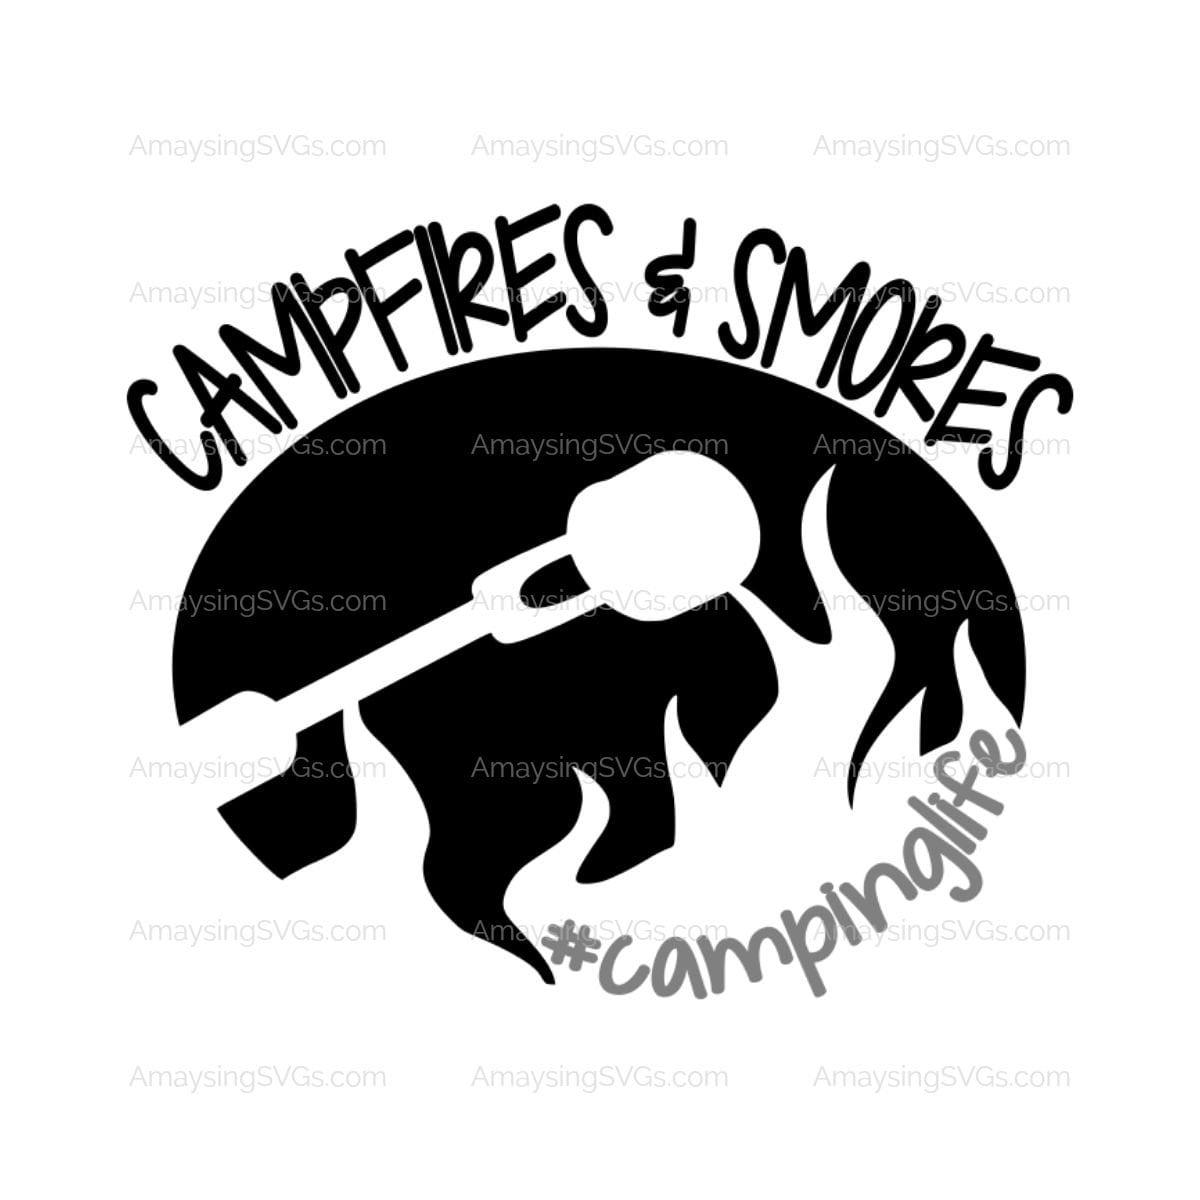 Lost Girl SVG Scouts svg Camping svg tshirt svg hiking svg Party Decor svg Scrapbook Embellishment